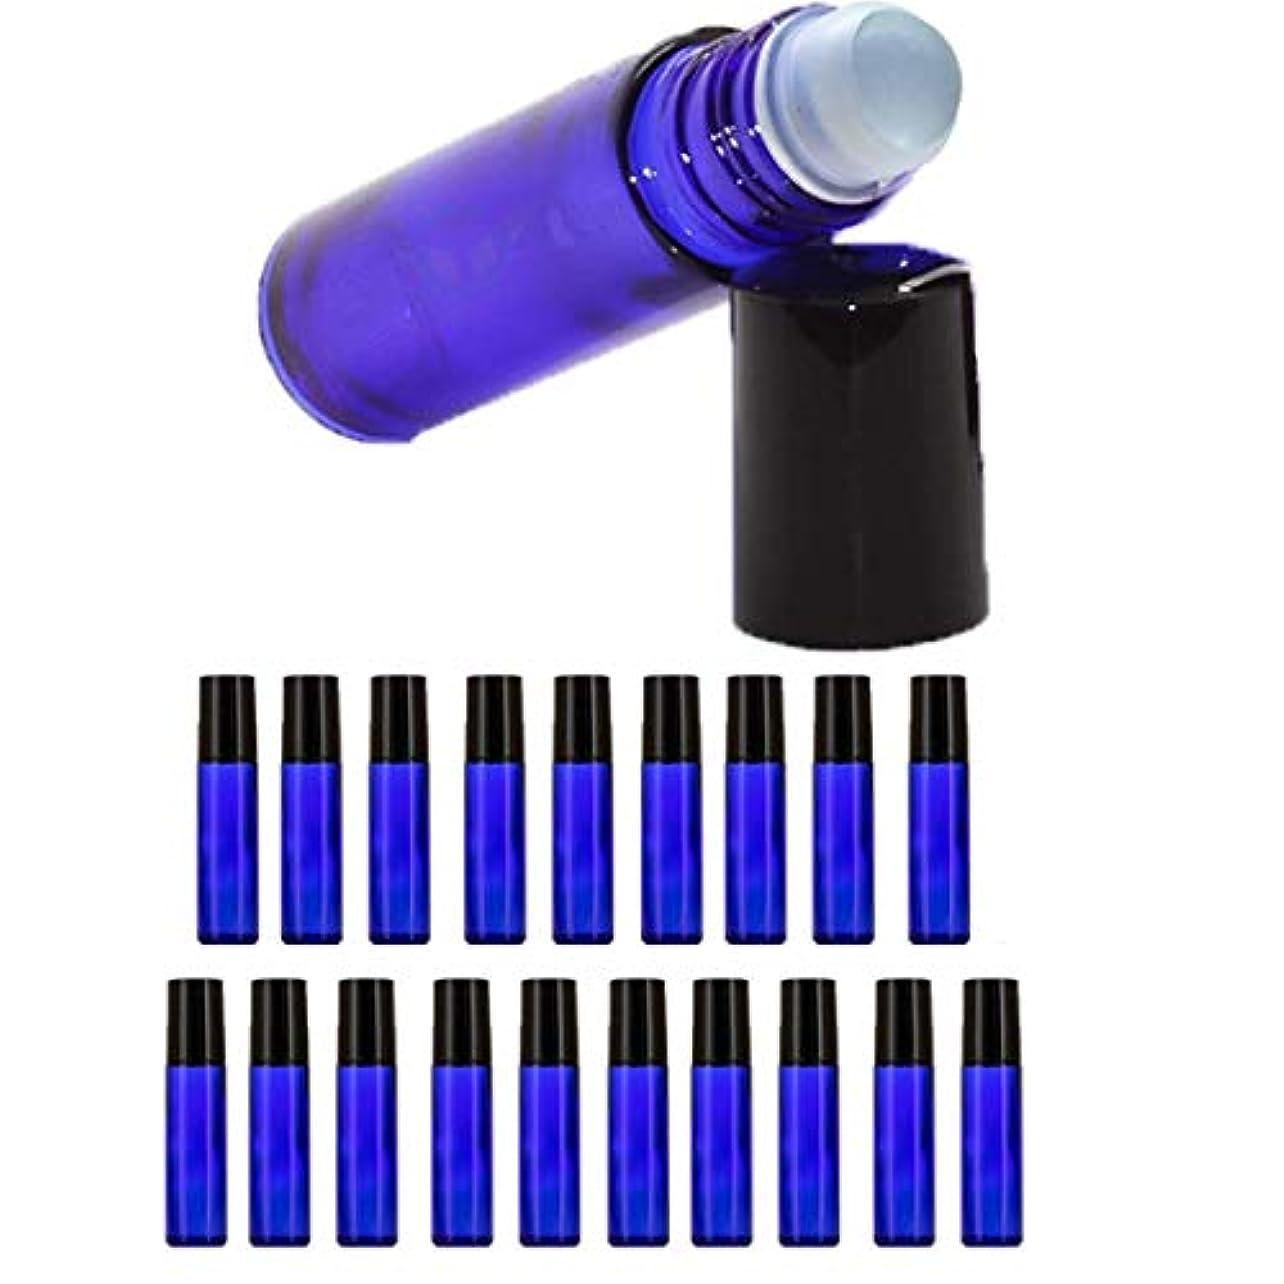 共役支配的環境20個セット 遮光瓶 小分け ガラスボトルロールオンボトル 詰め替え 容器 エッセンシャルオイル 遮光ビン